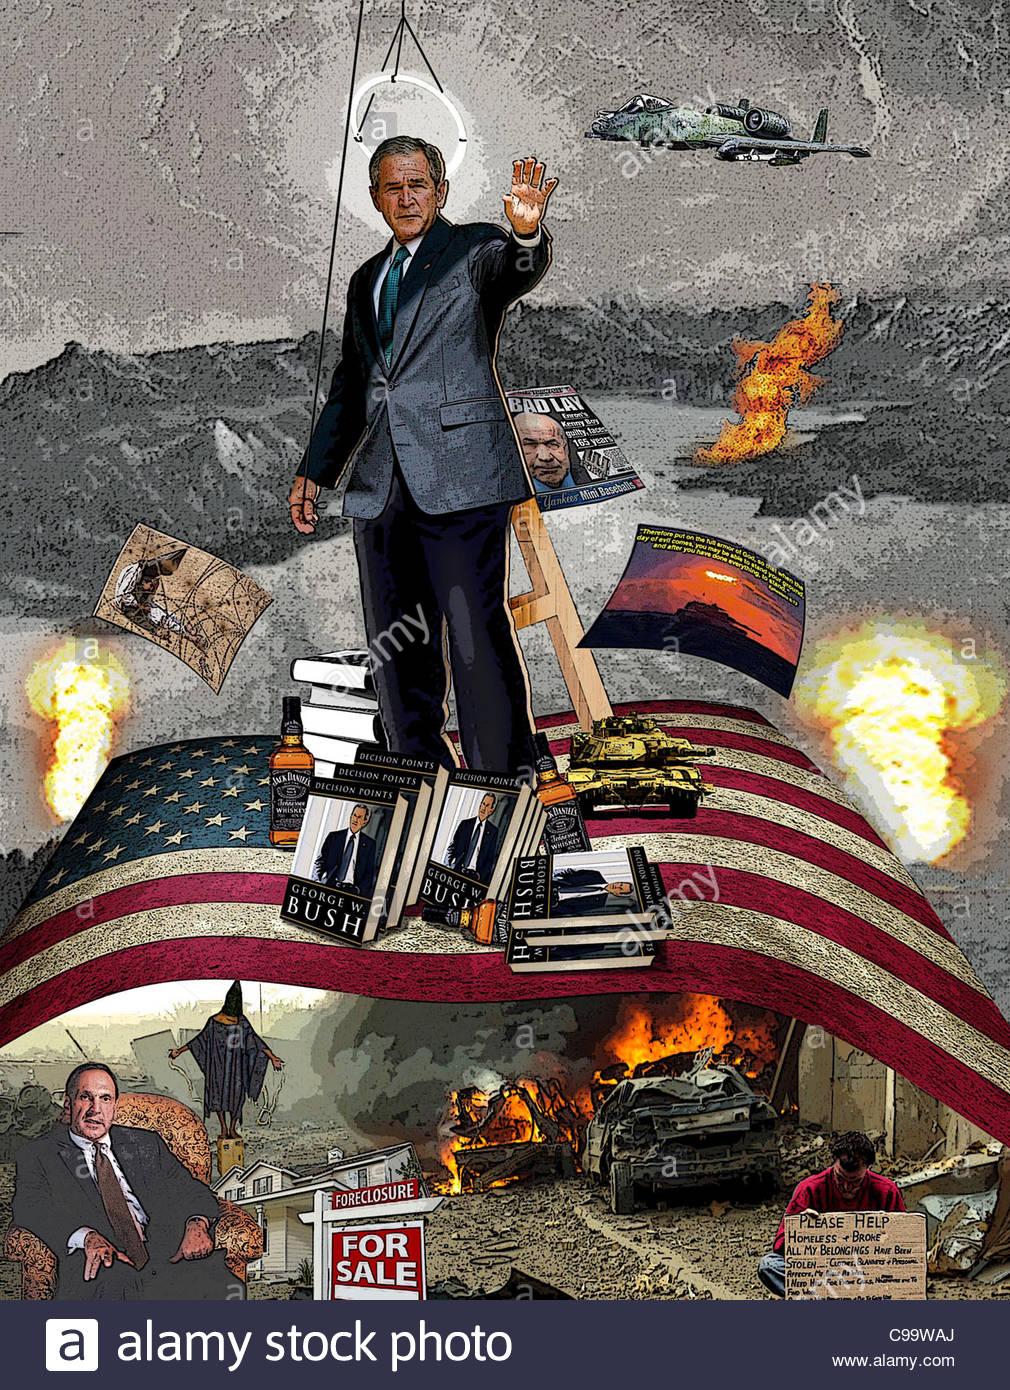 Bush Biografía canonización Guerra de Irak los escándalos de corrupción Imagen De Stock